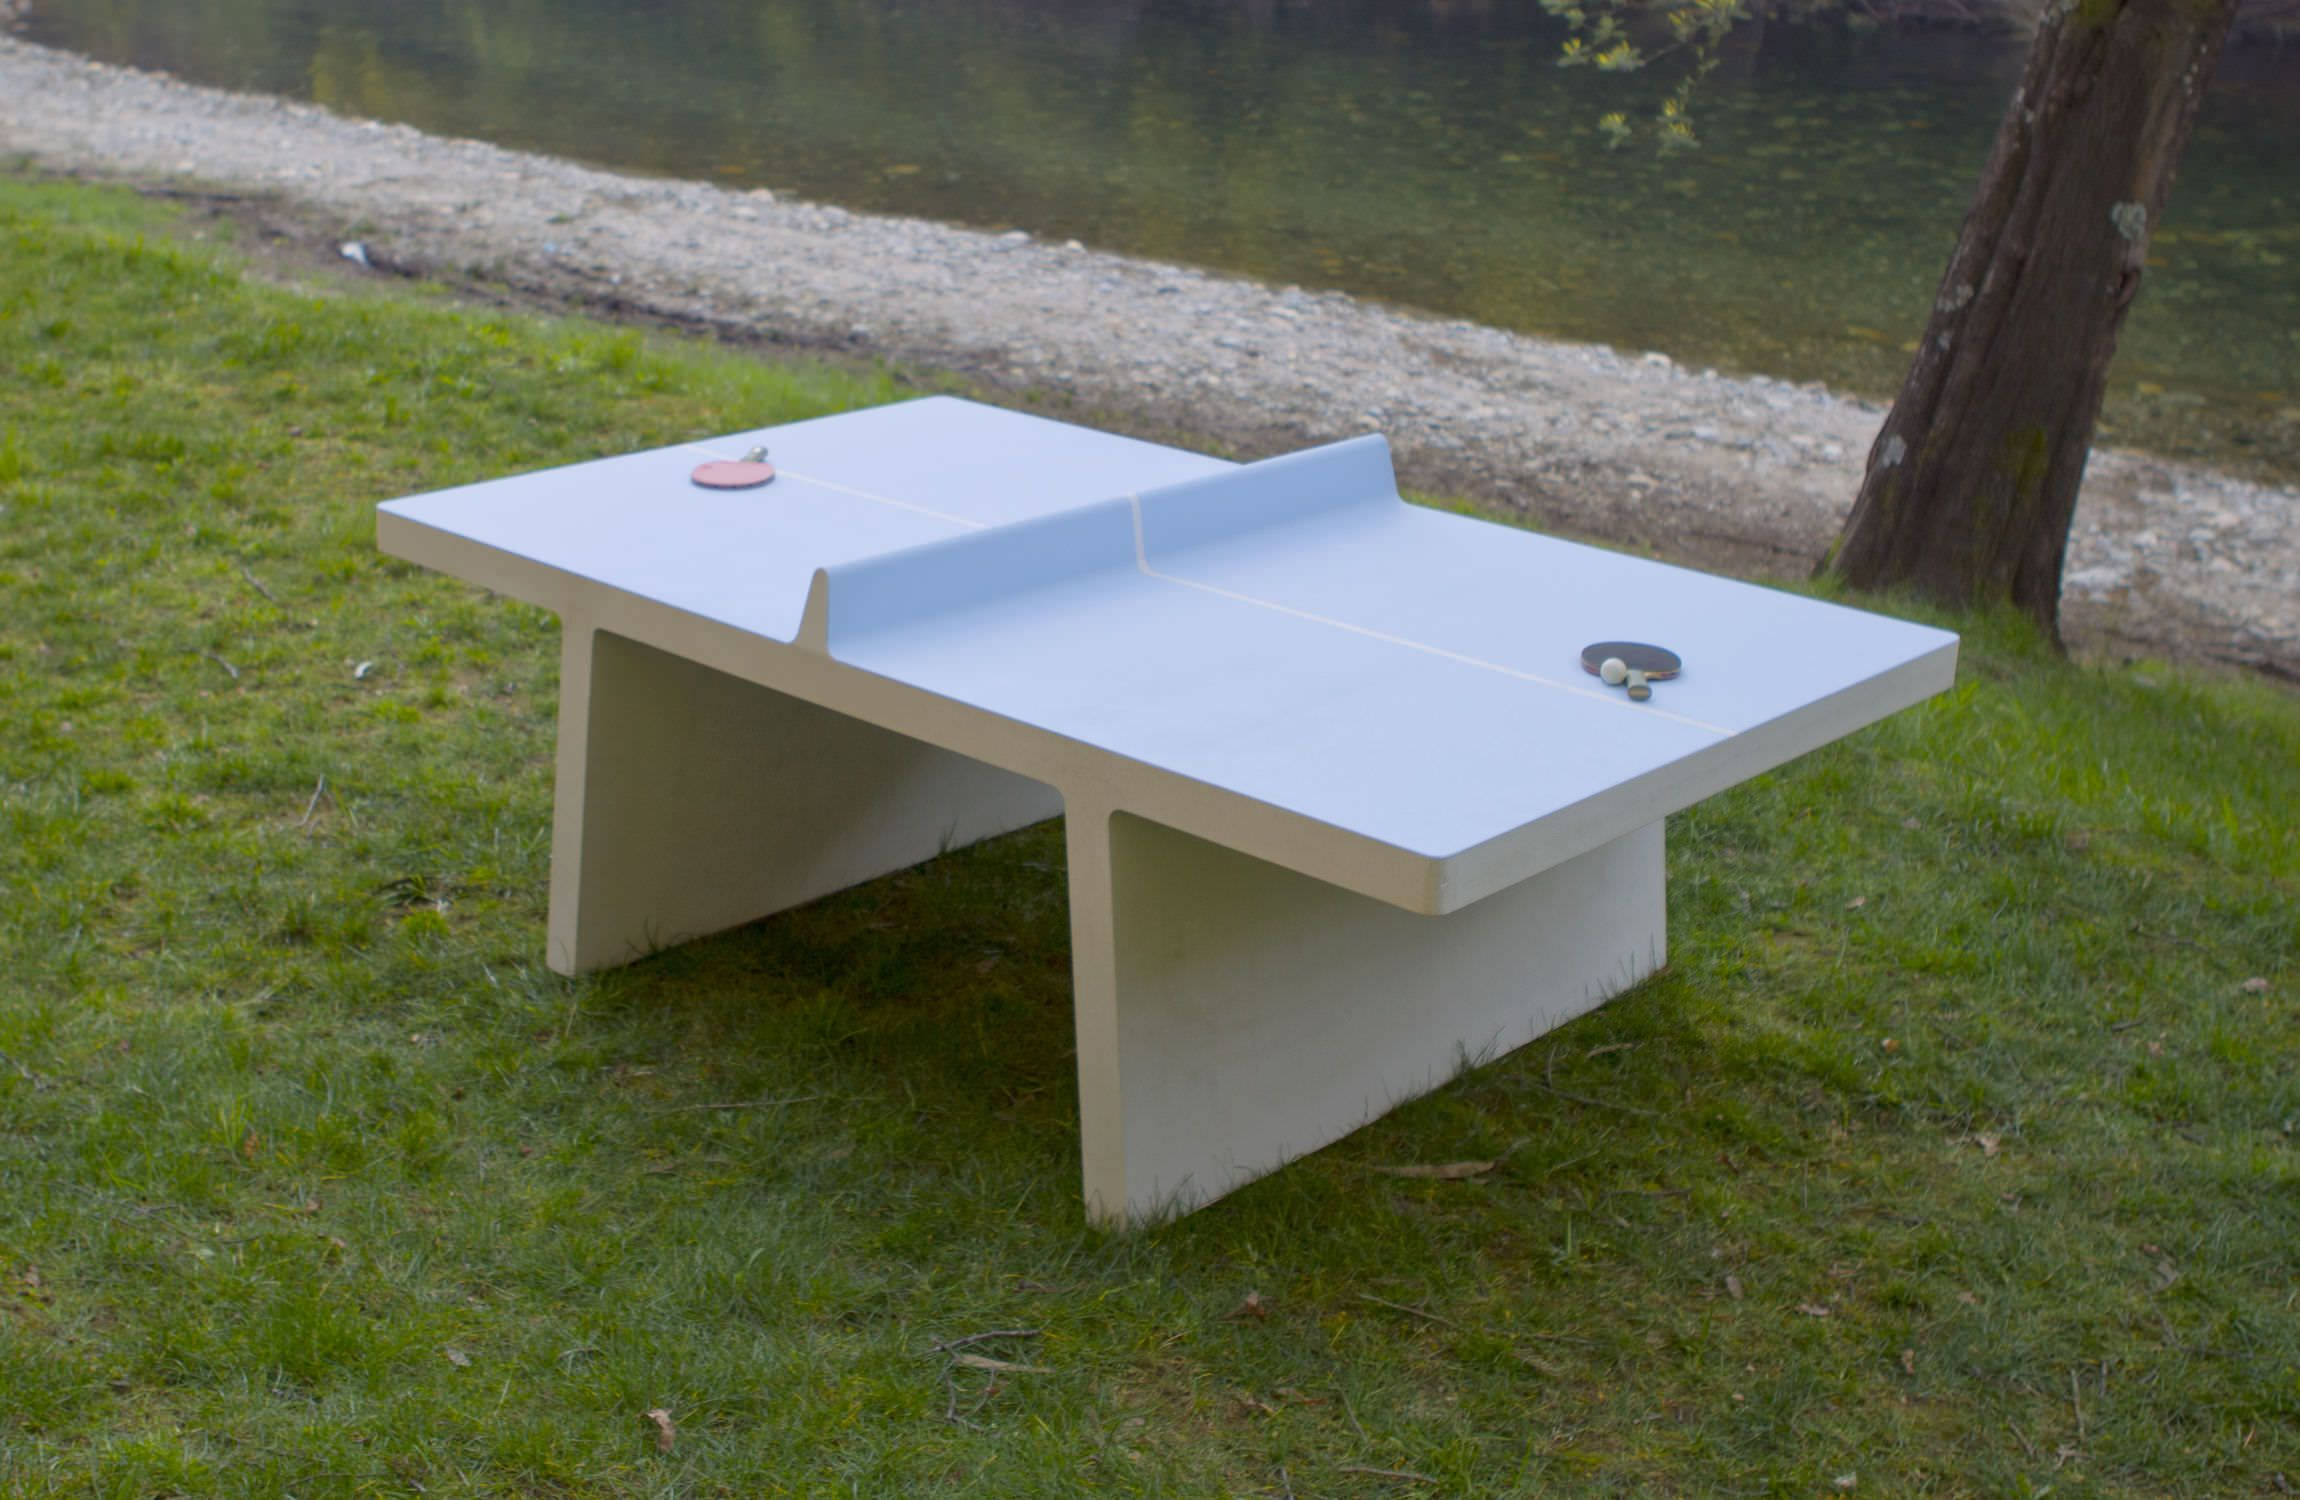 tischtennisplatte selber bauen aus holz: rankgerust holz freistehend